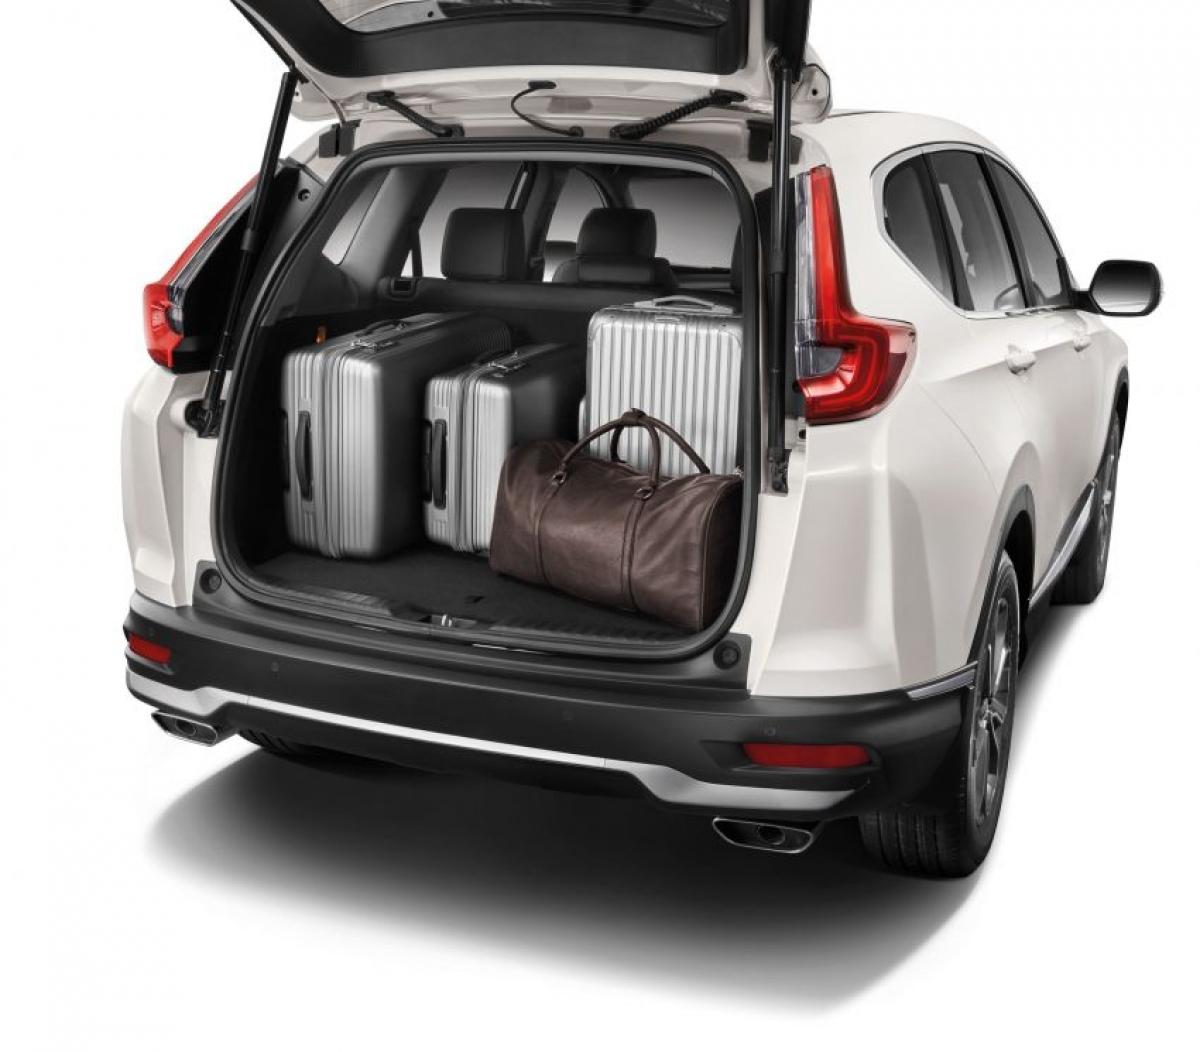 Về mặt an toàn, hệ thống nhắc nhở thắt dây an toàn phía sau mới là tiêu chuẩn trên phạm vi cùng với 6 túi khí (trước, bên và rèm), Hỗ trợ ổn định xe (VSA), Hỗ trợ xử lý góc (AHA), ABS, EBD, BA, Hỗ trợ khởi hành đồi và camera điểm mù LaneWatch của Honda (tính năng mới trên 2.0 2WD). Những biến thể turbo còn có tới 8 cảm biến đỗ xe (bốn phía trước và bốn phía sau) trong khi tùy chọn cơ sở chỉ có cảm biến phía sau.